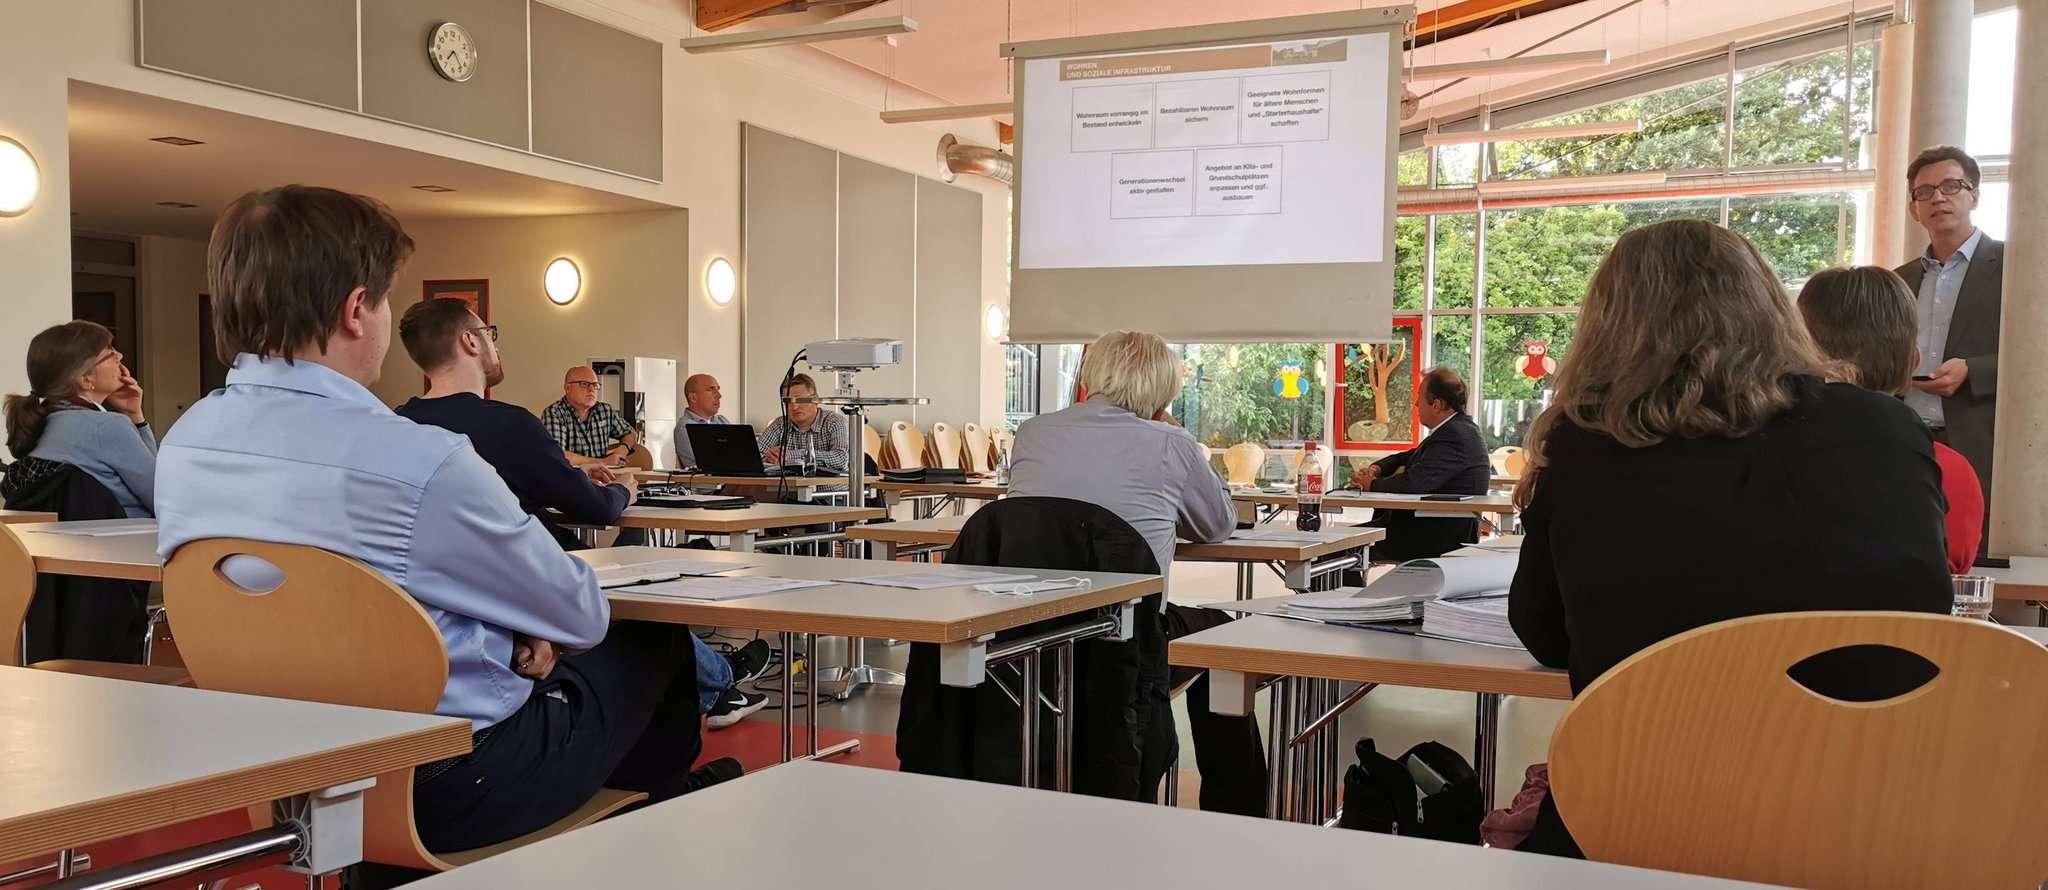 Ulrich Berding (hinten rechts) stellte die bisherigen Ergebnisse von